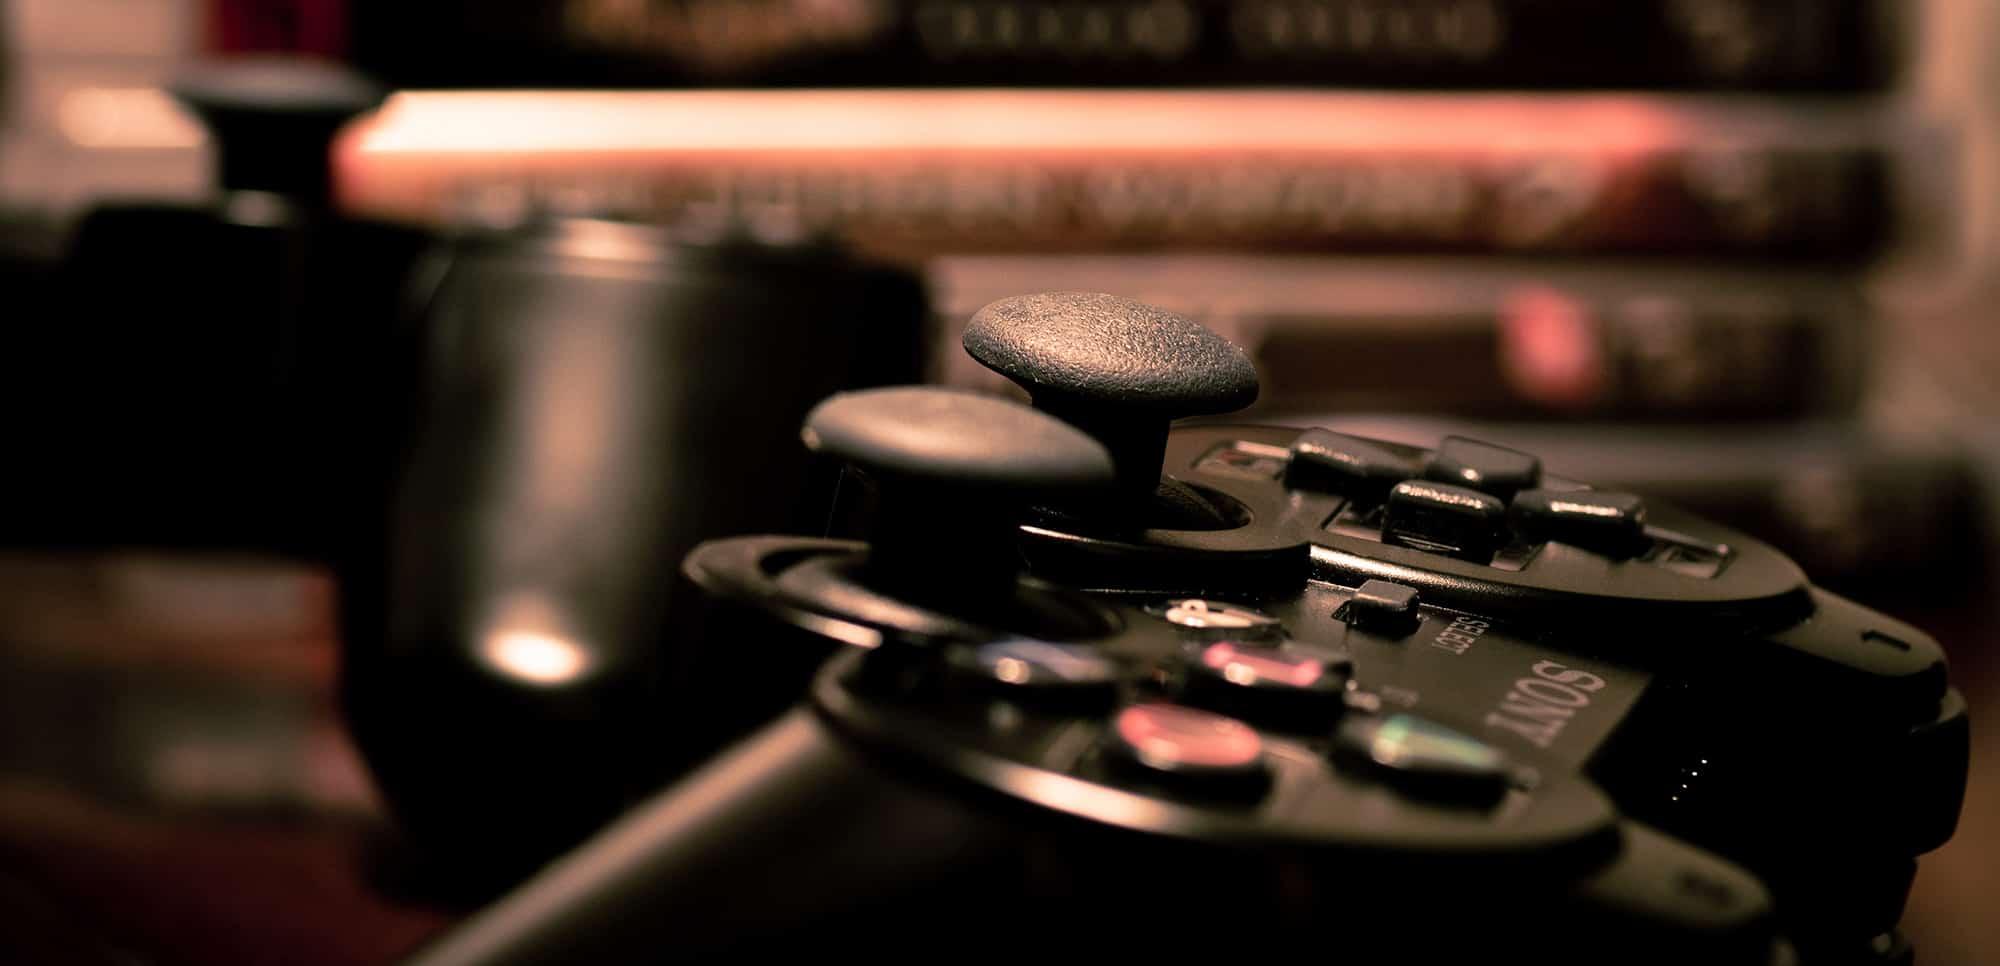 La manette d'une console Sony PlayStation. (photo d'illustration)